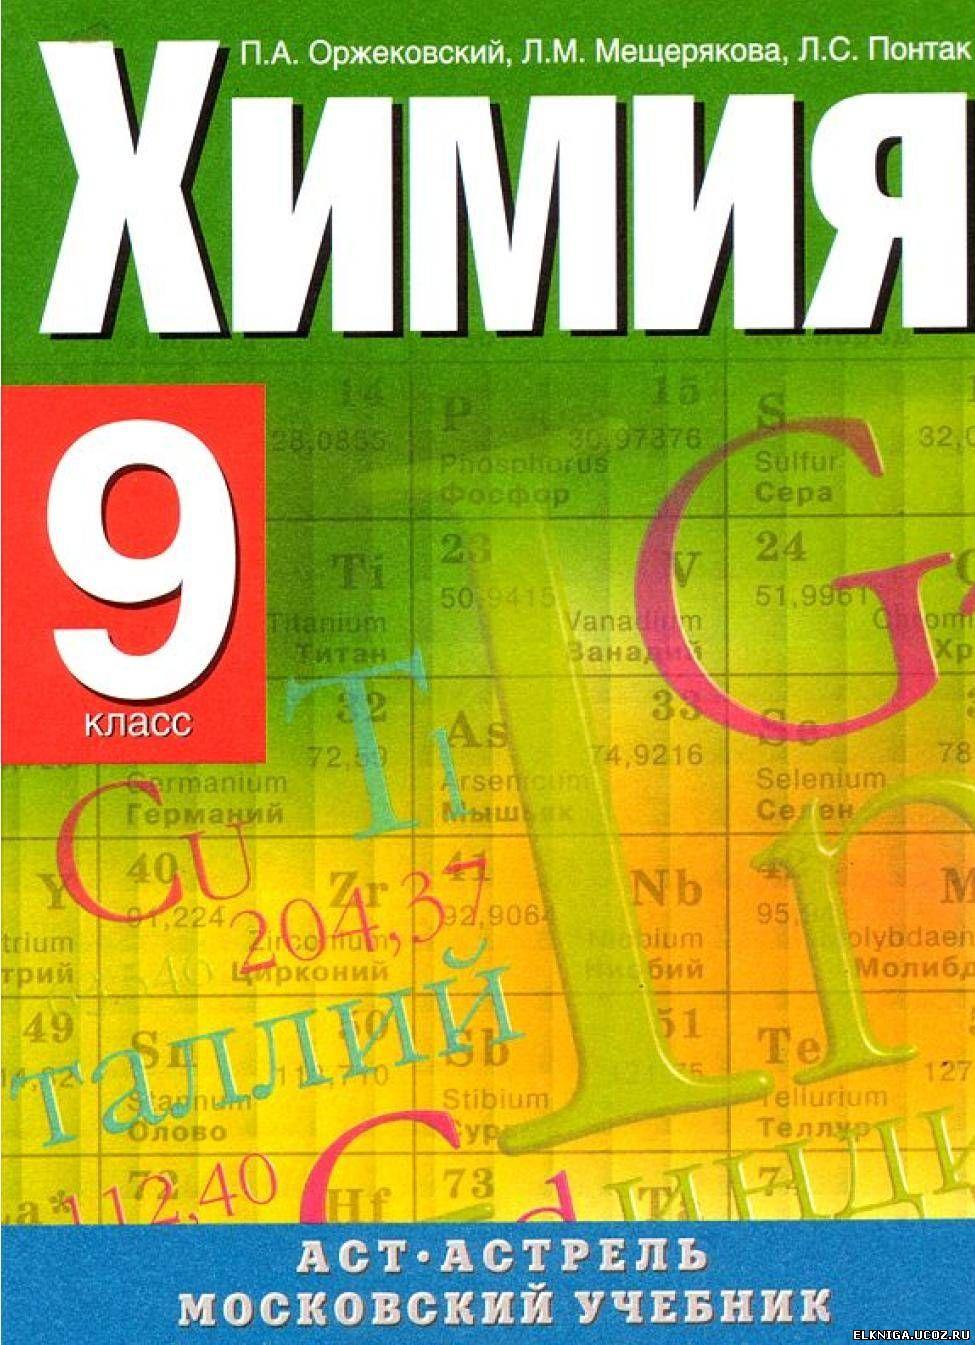 Скачать школьные книги на андроид 9 класс